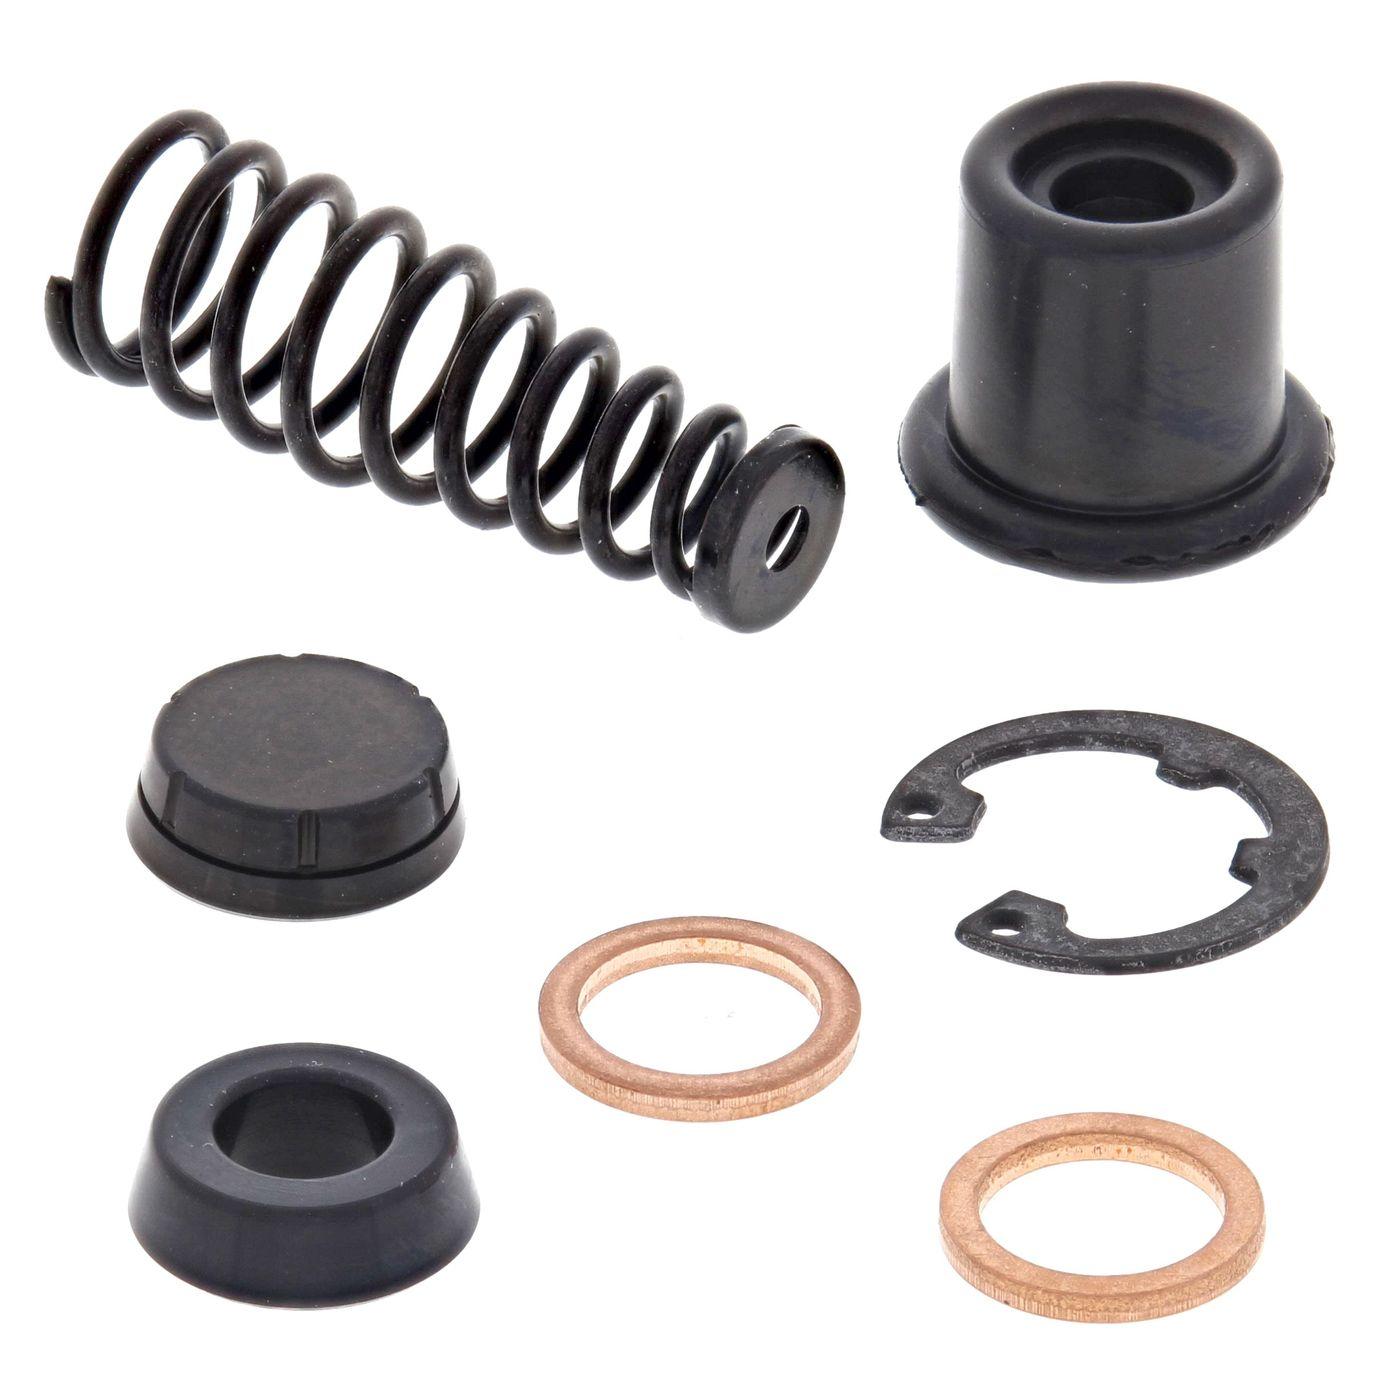 Wrp Master Cylinder Repair Kit - WRP181021 image